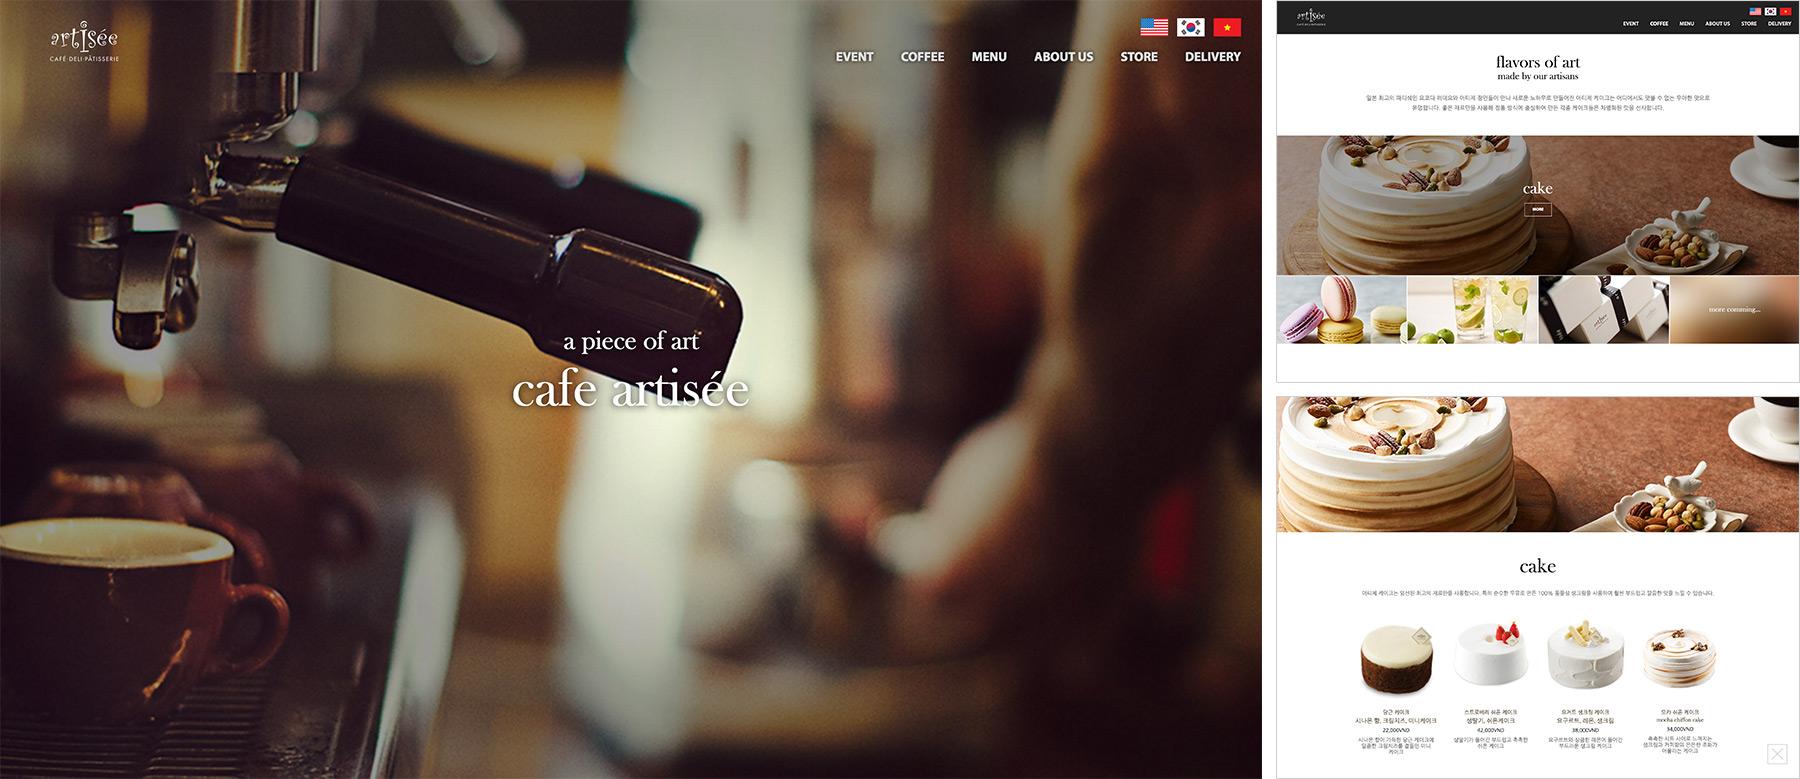 cafe-artisee-vn-001.jpg